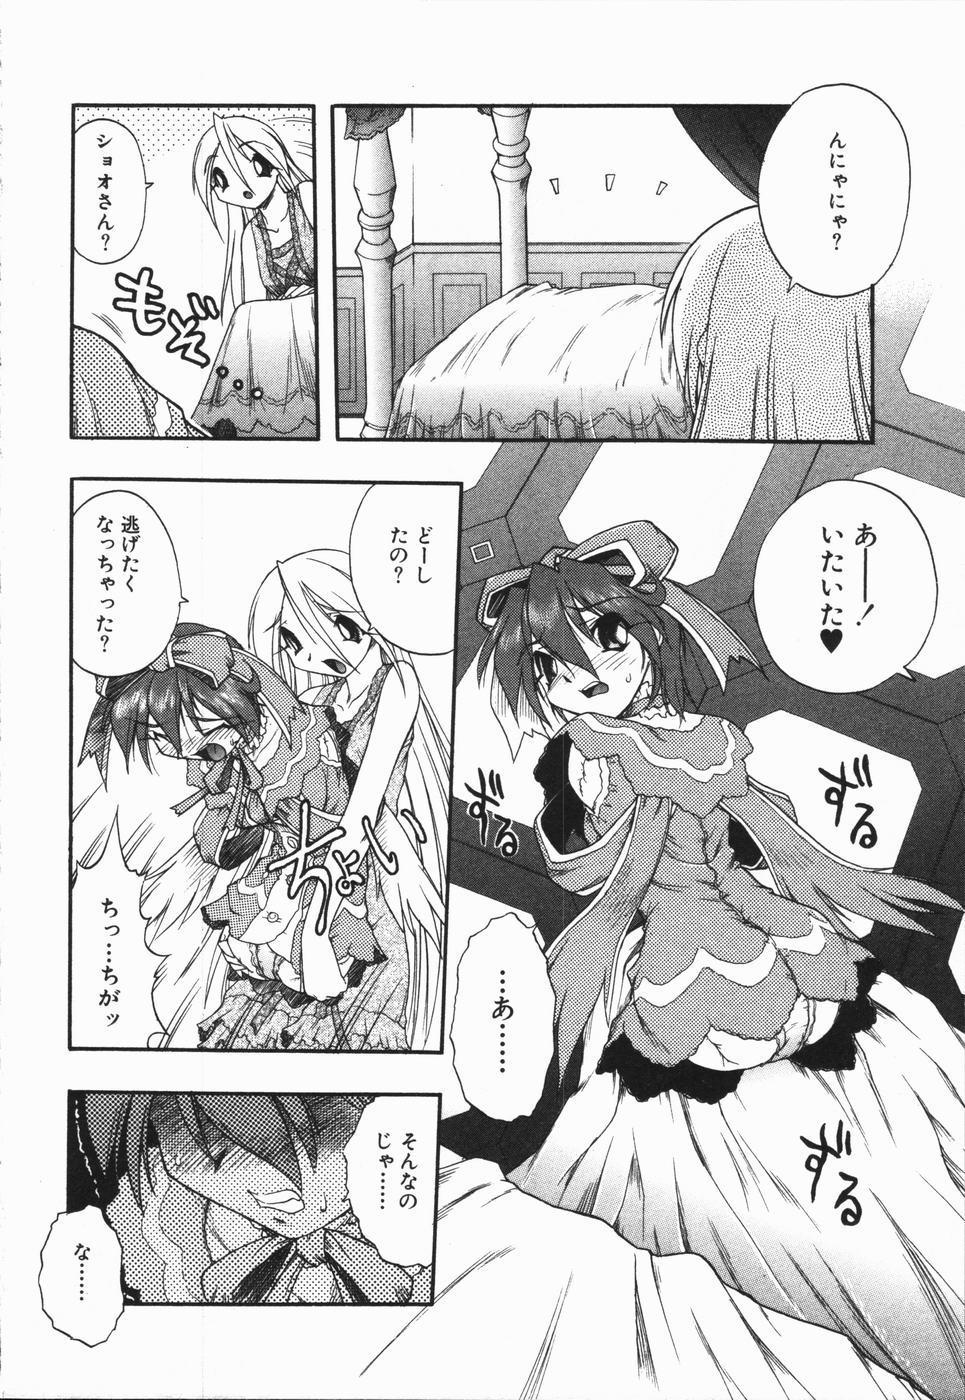 [Oka Sundome] Mebina-tachi no Gogo | -Maybe-na Afternoon- 67